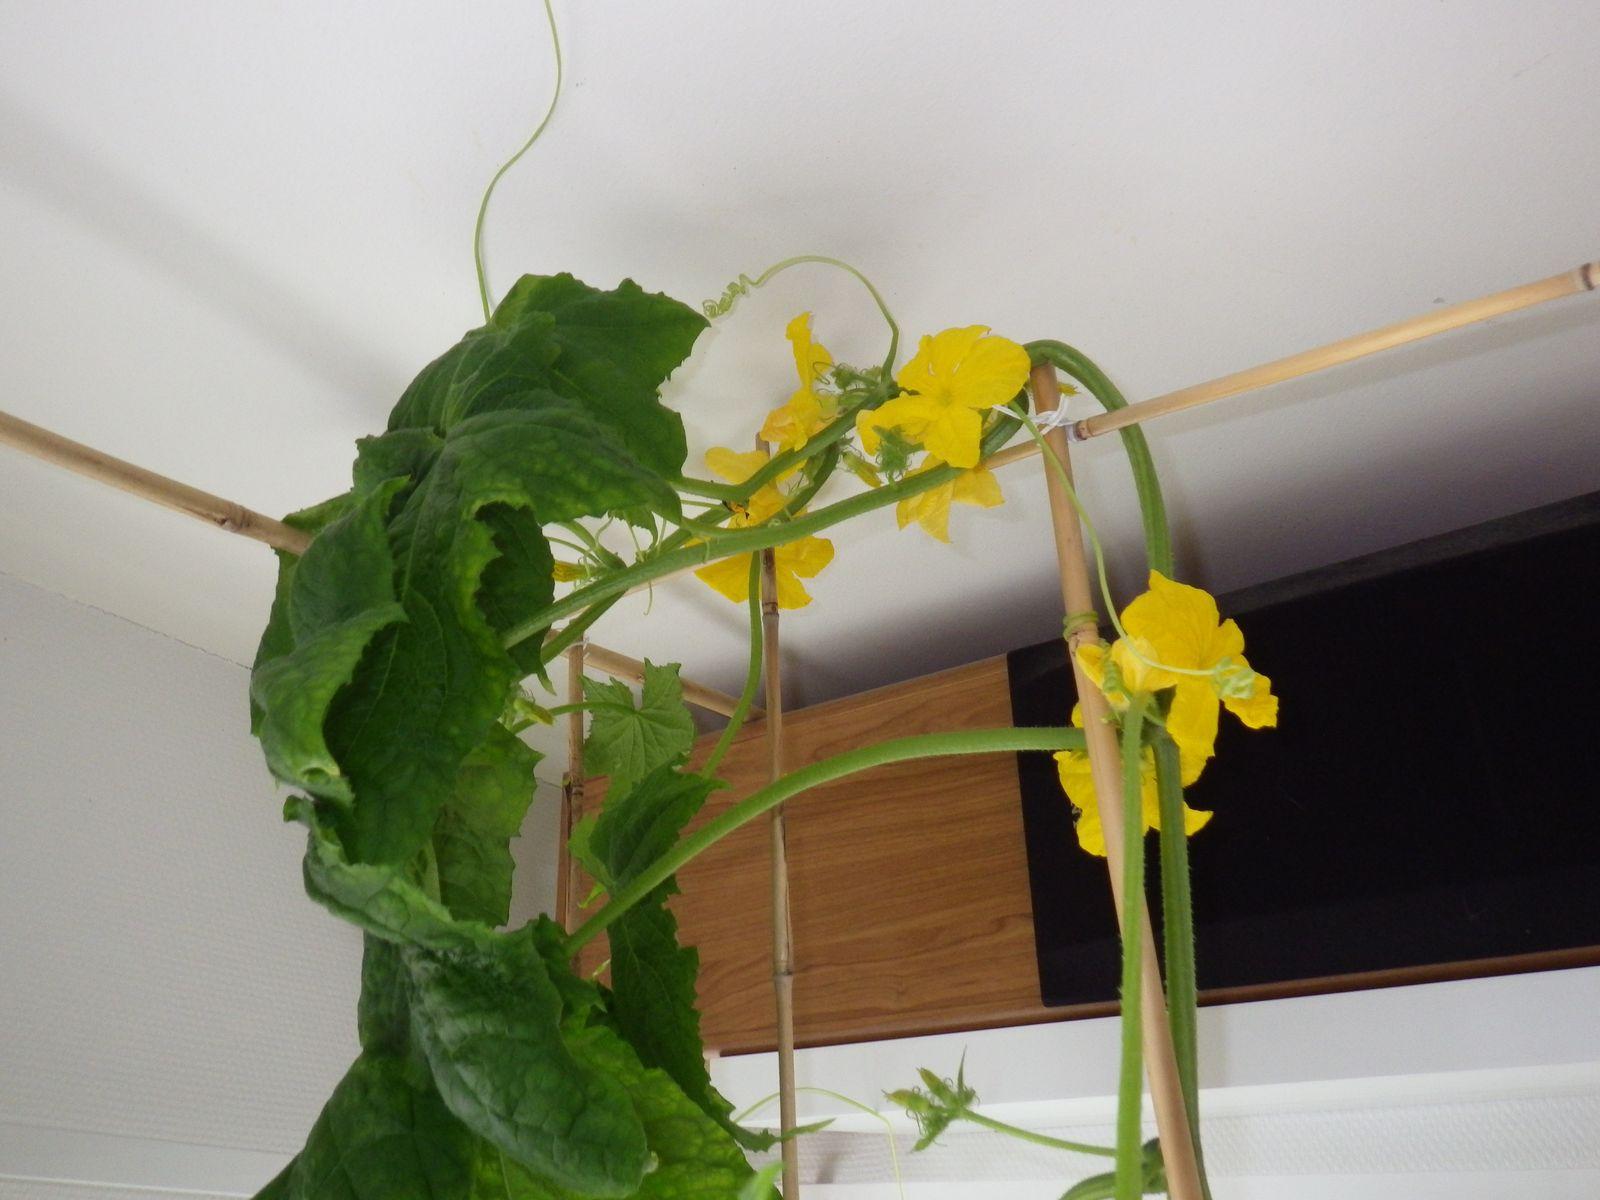 2014-05-08-0905_-_Agurkeplante_Planter